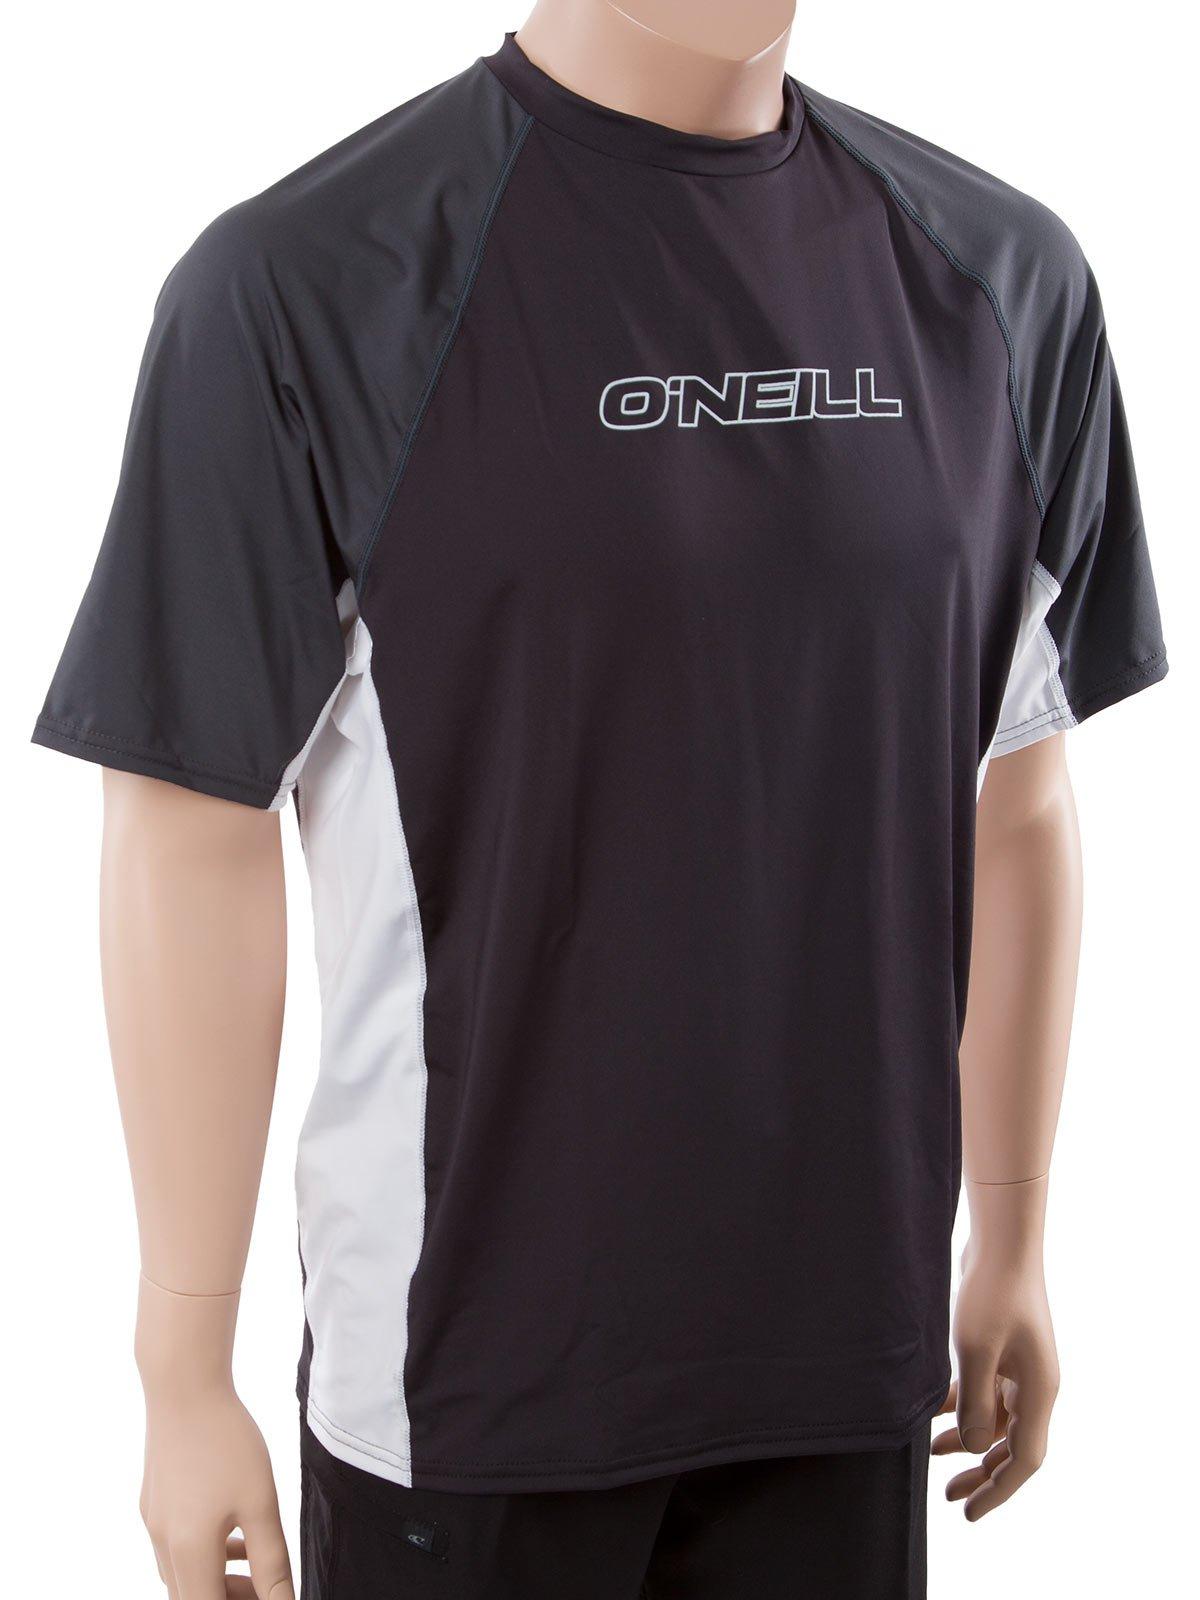 O'Neill Men's 24/7 Sun tee S Black/White/Graphite (UV50+) by O'NEILL